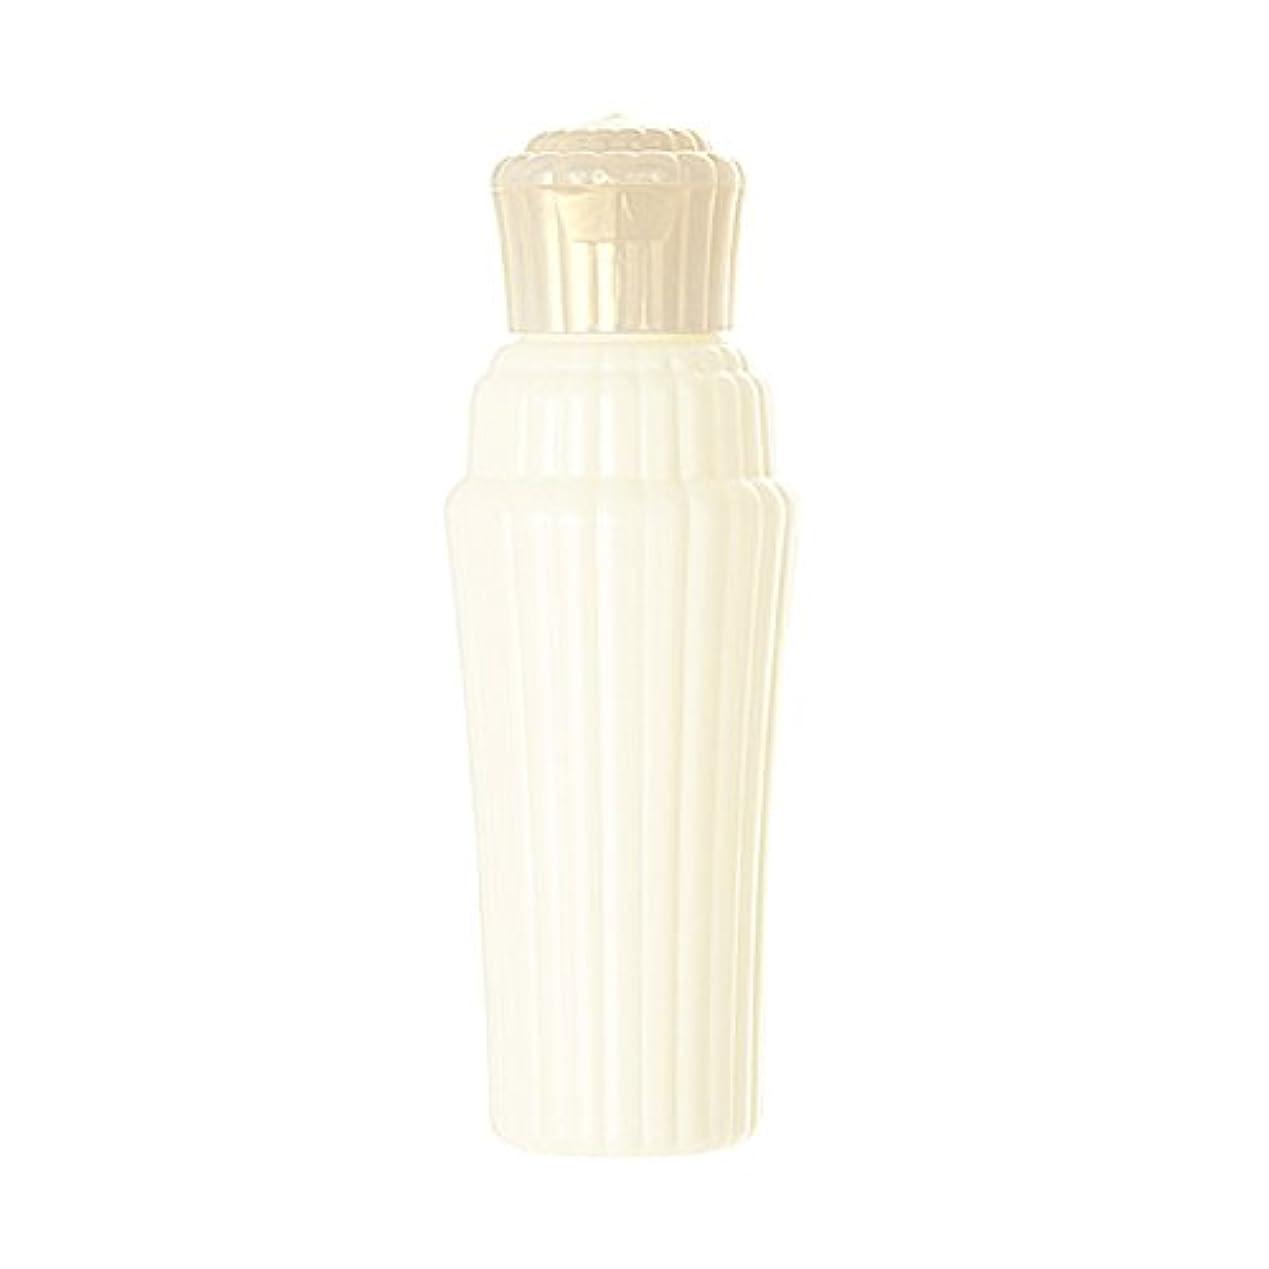 関税締め切りめ言葉アユーラ (AYURA) クリアフォーミングミルク 150mL 〈ミルク状洗顔料〉